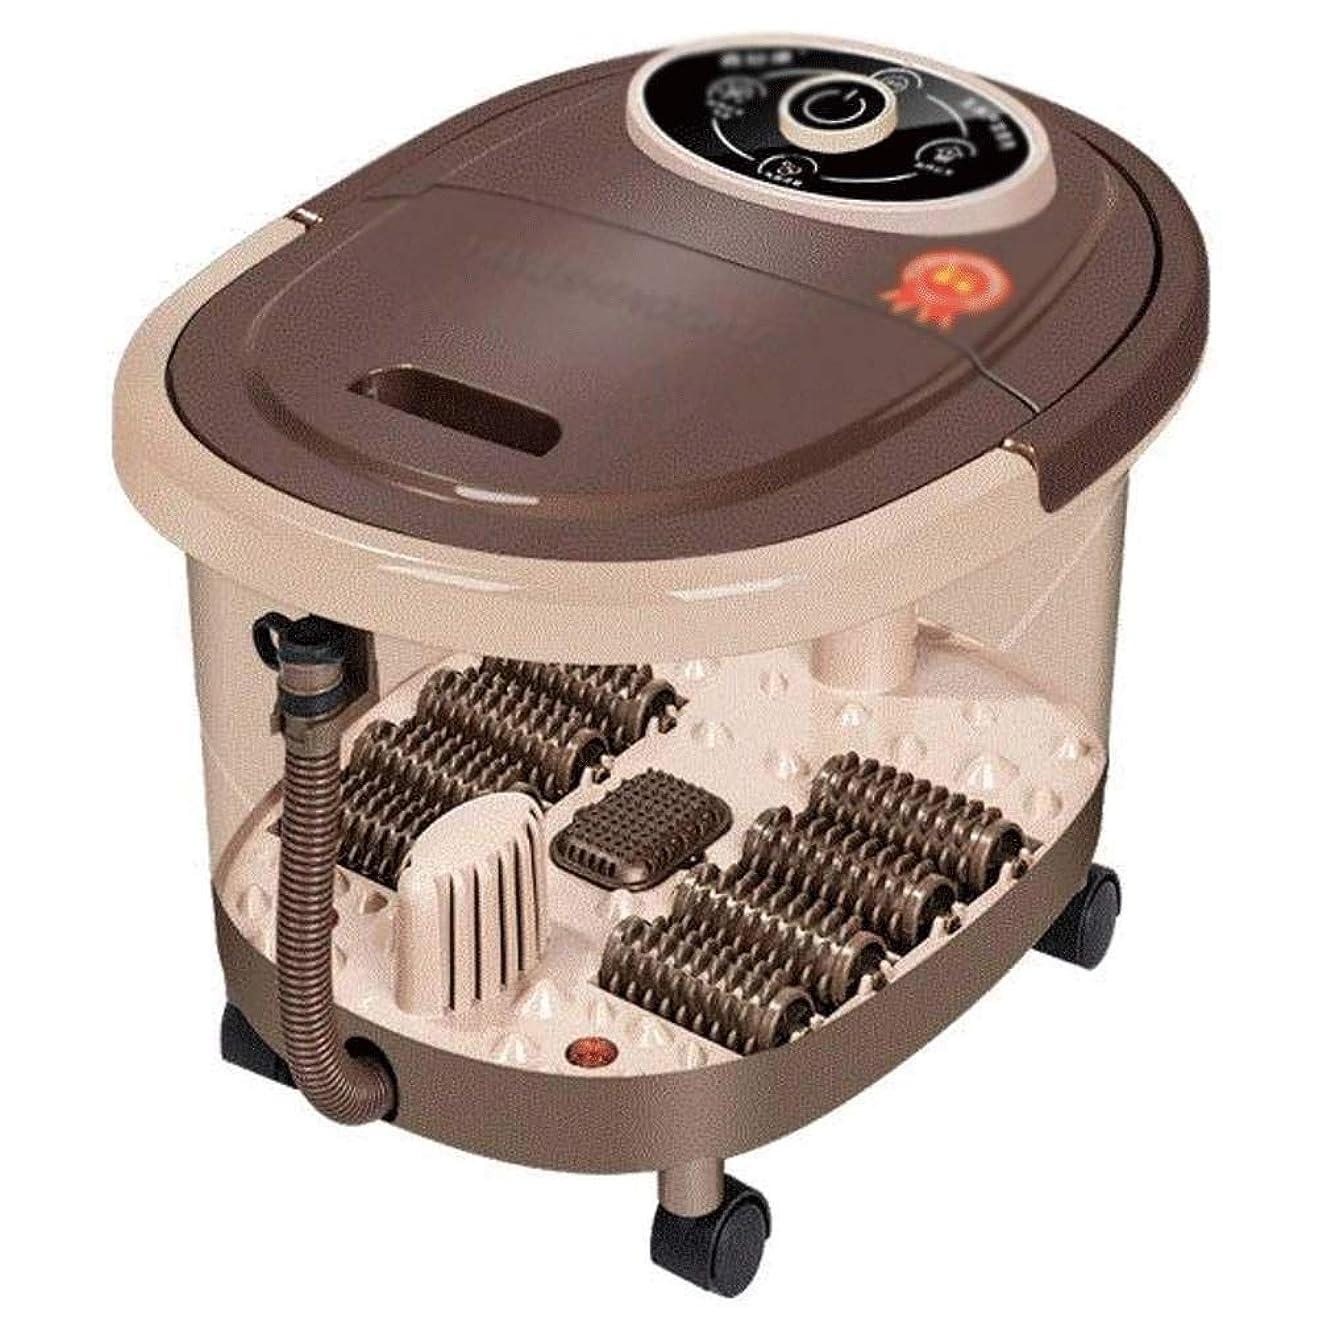 ドアミラー権利を与える焦がすLEIGE フットスパバスマッサージ(熱やマッサージ付き)、バブルジェット、電動指圧マッサージボール+電動メイズローラー+回転可能なペディキュアストーン、レッドライト、調節可能な時間と温度